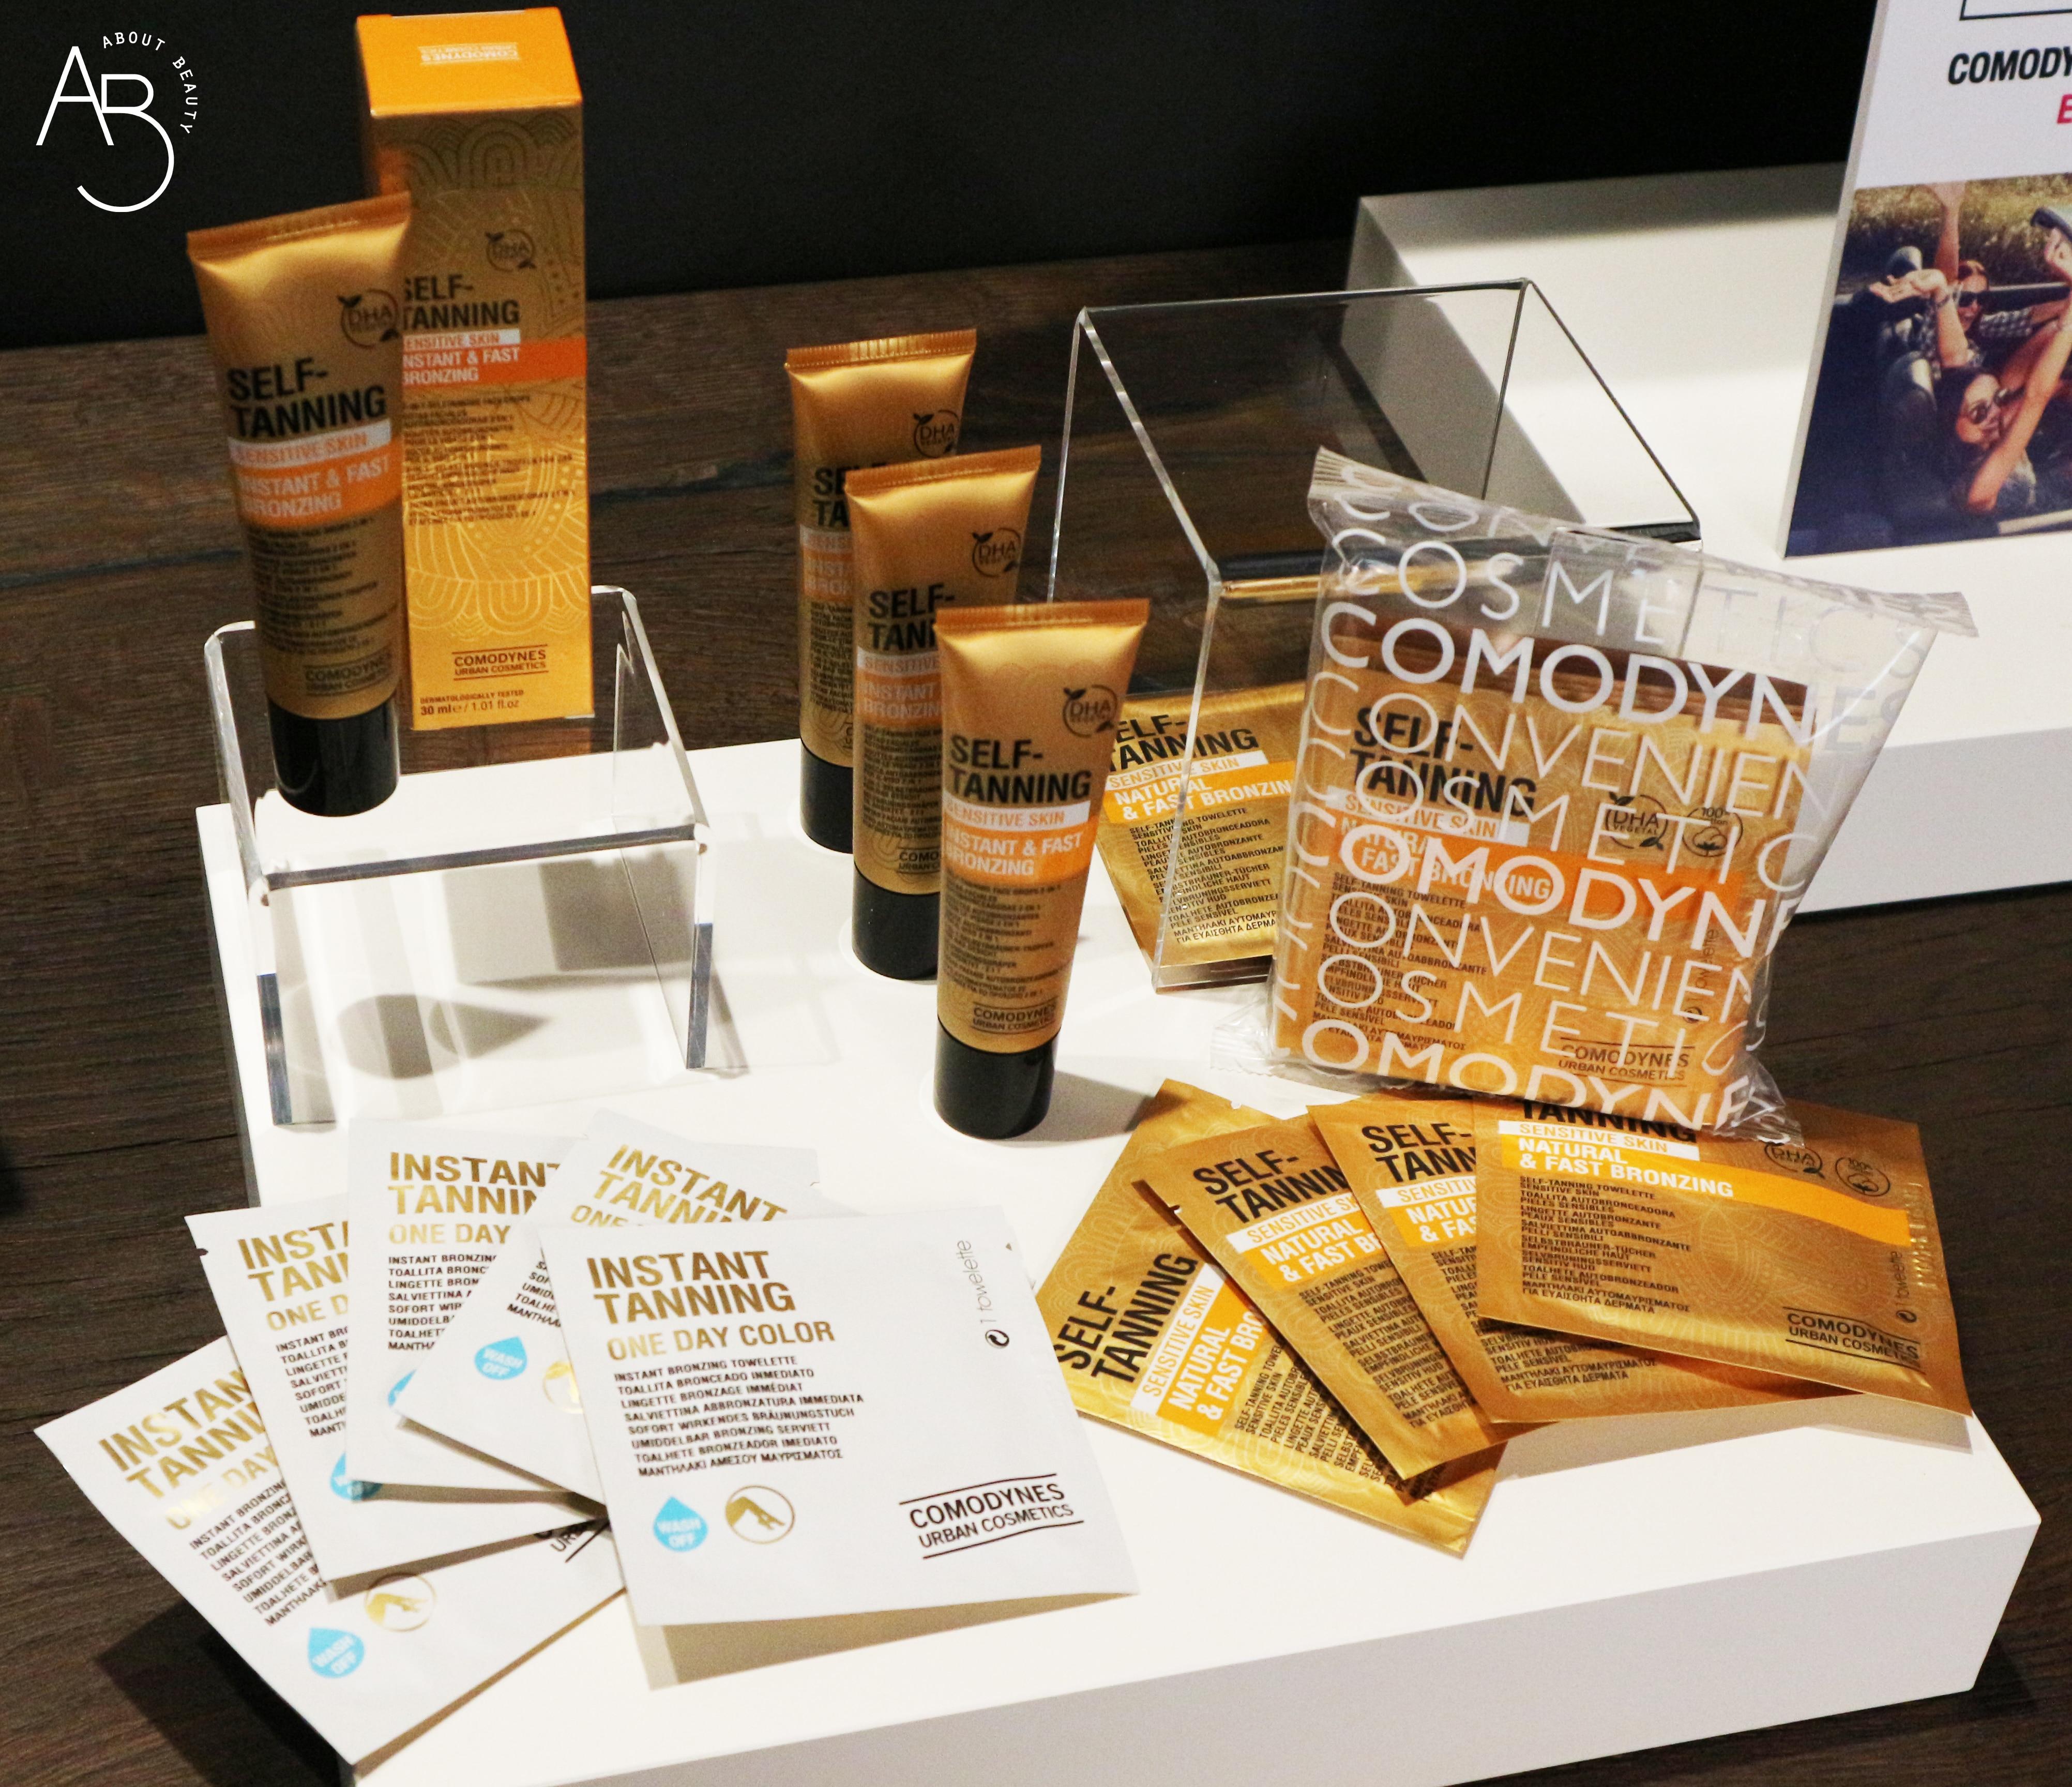 Comodynes lancia la sua linea di autoabbronzanti self-tanning per viso e corpo - Review, recensione, info, prezzo, dove acquistare